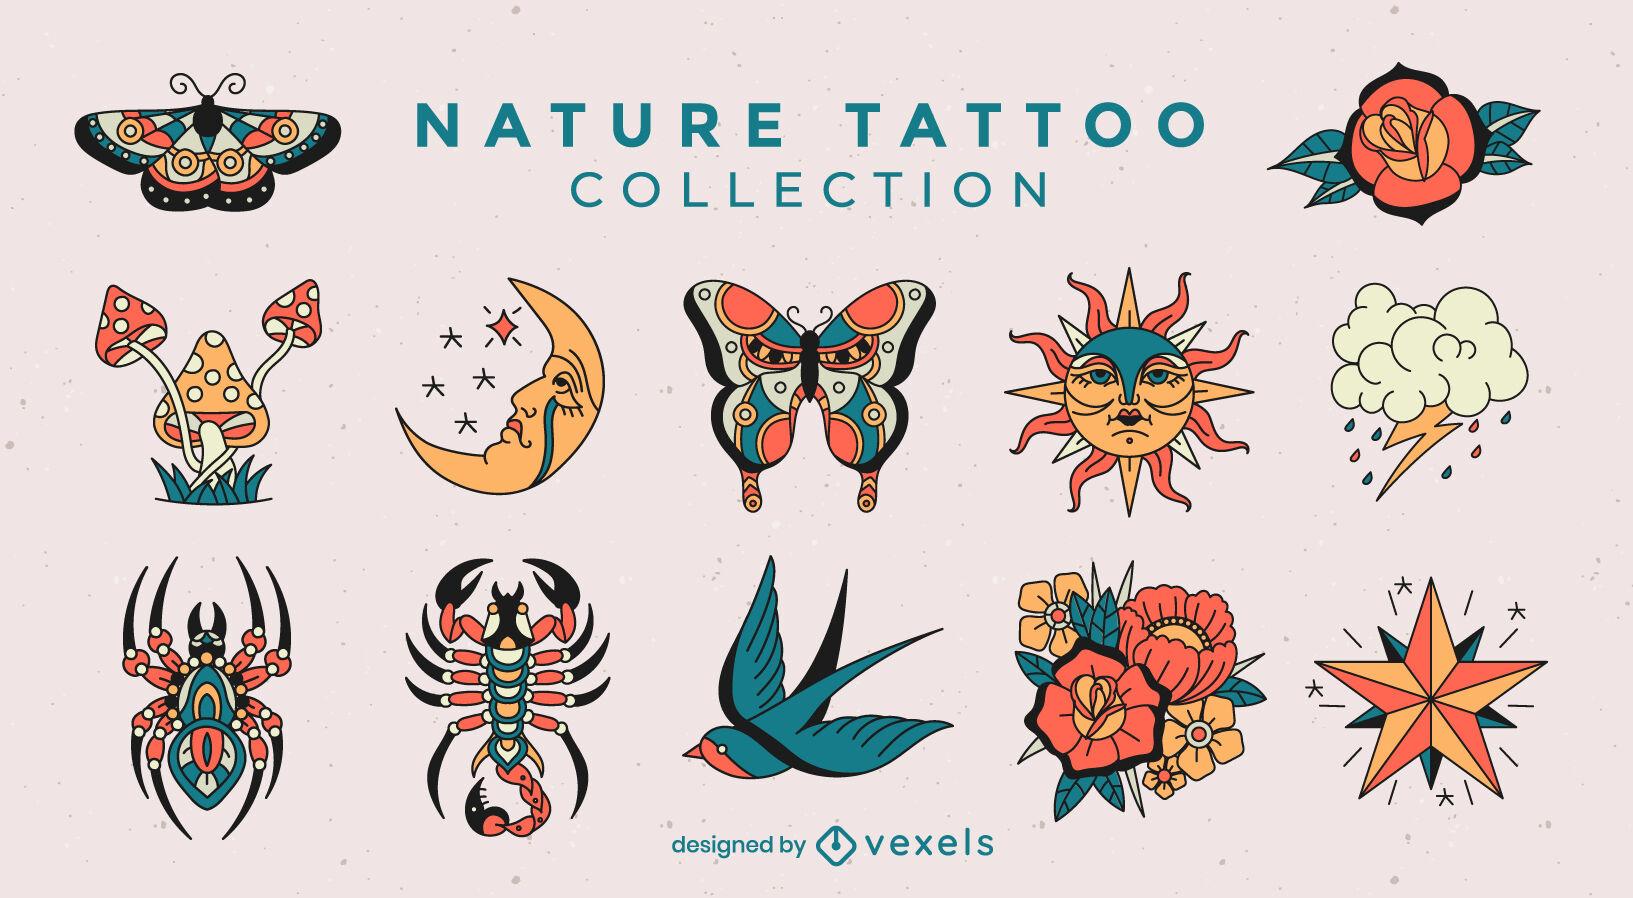 Naturelemente im Tattoo-Stil